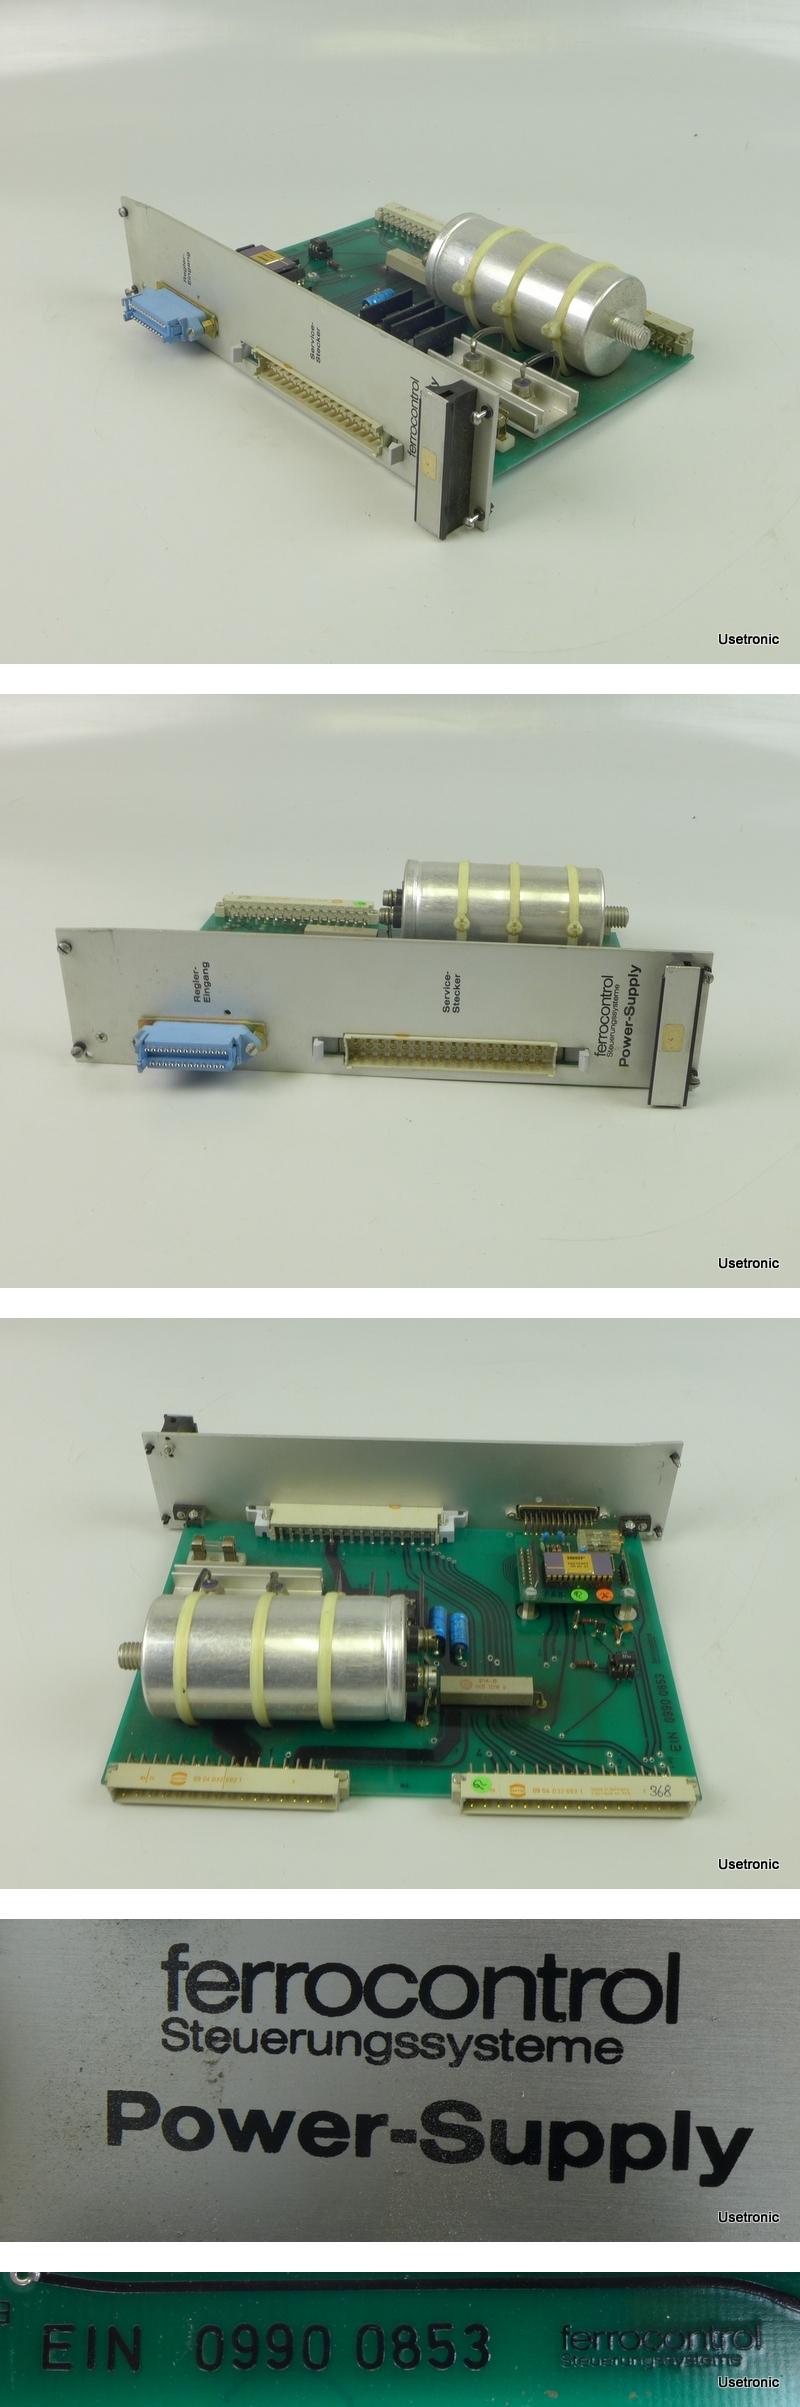 Ferrocontrol EIN 0990 0853